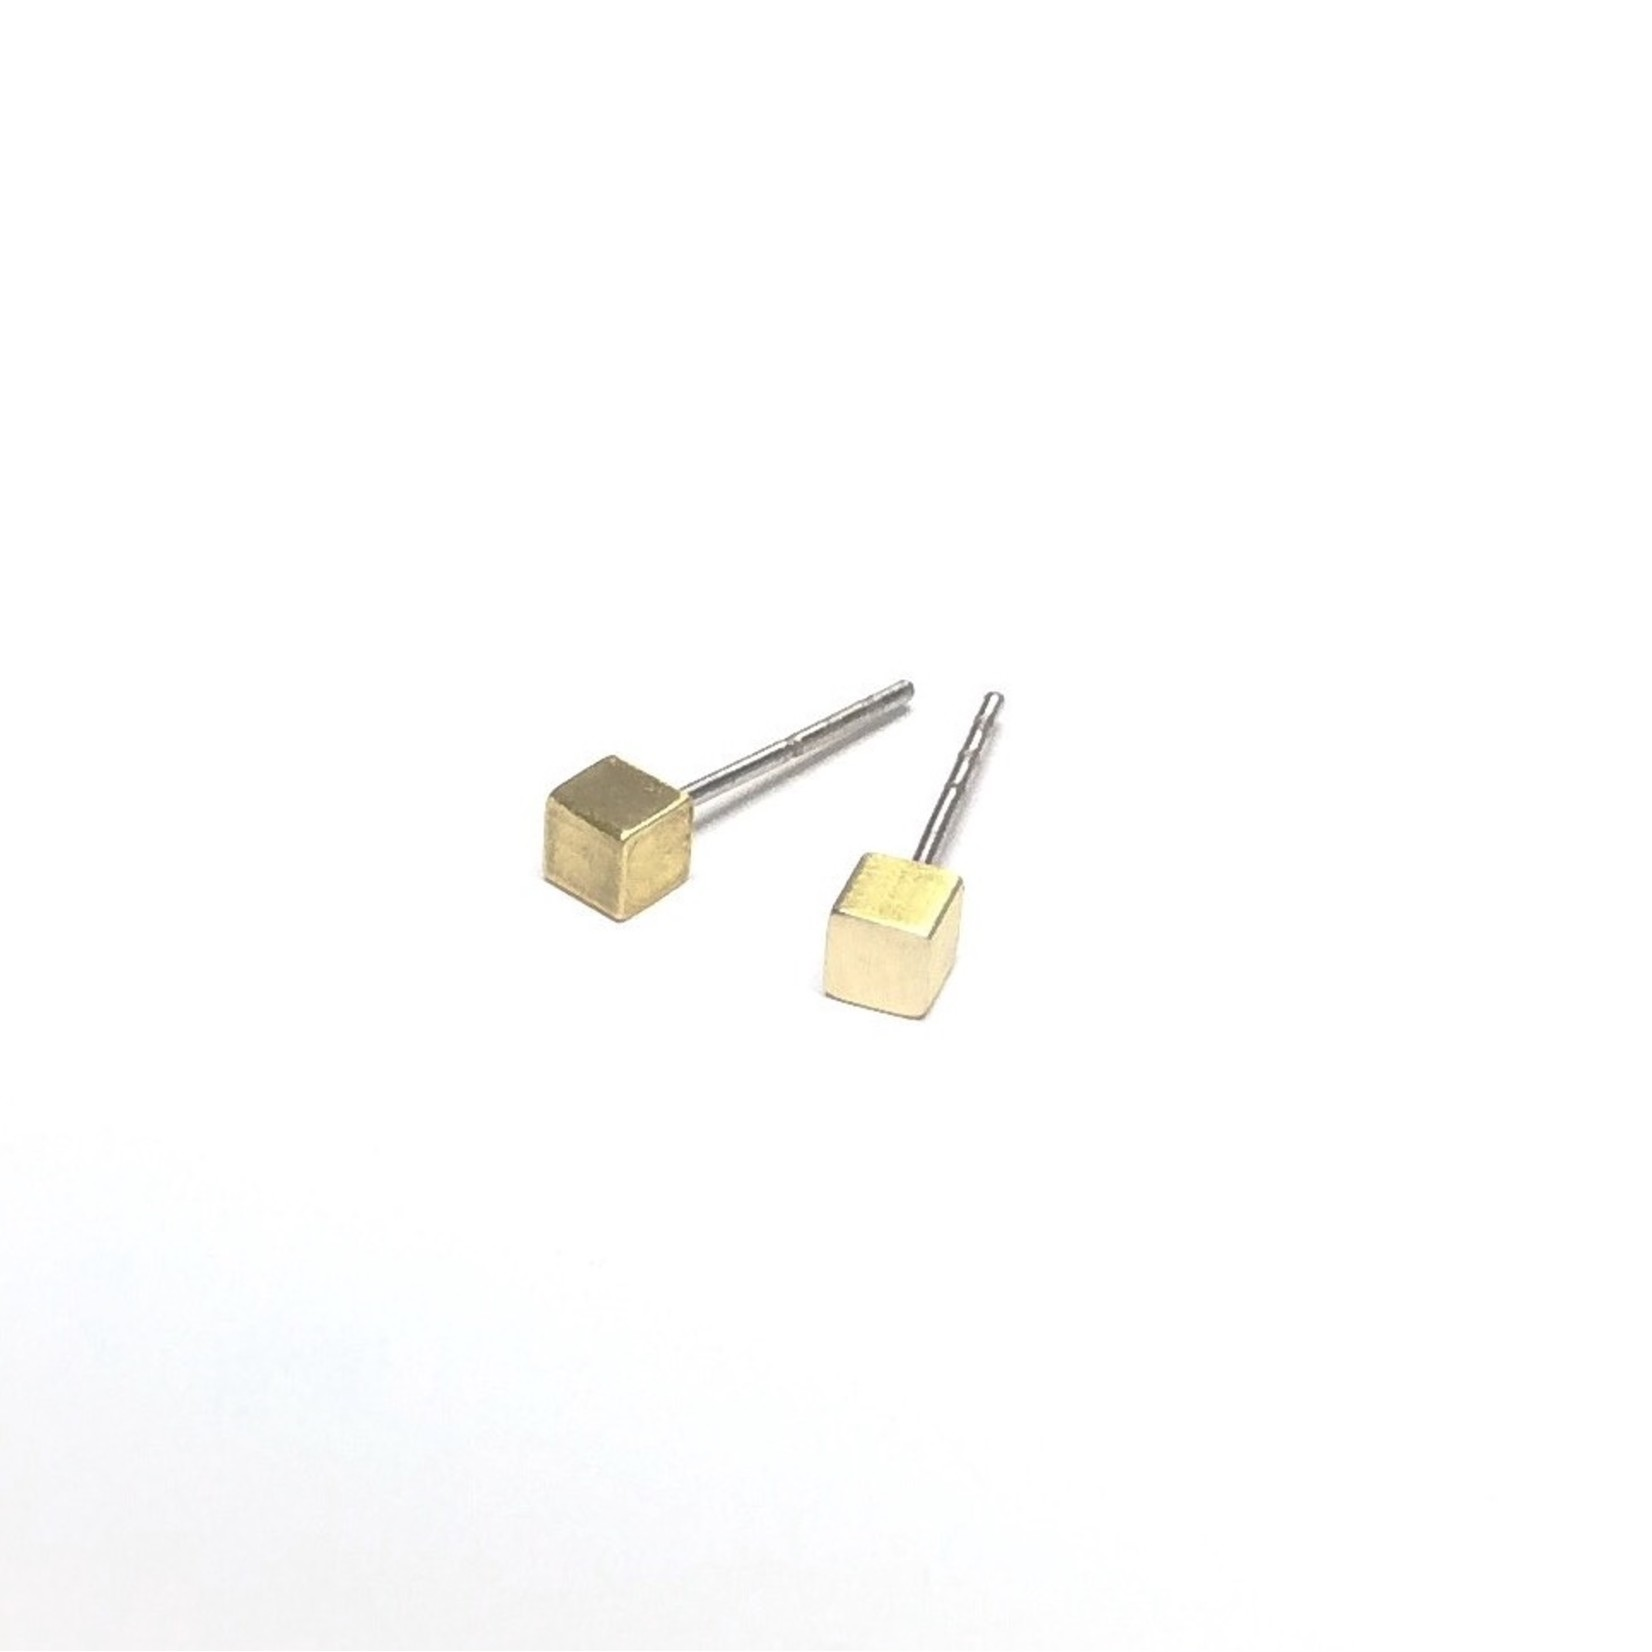 Inimini Homemade Brass mini studs square